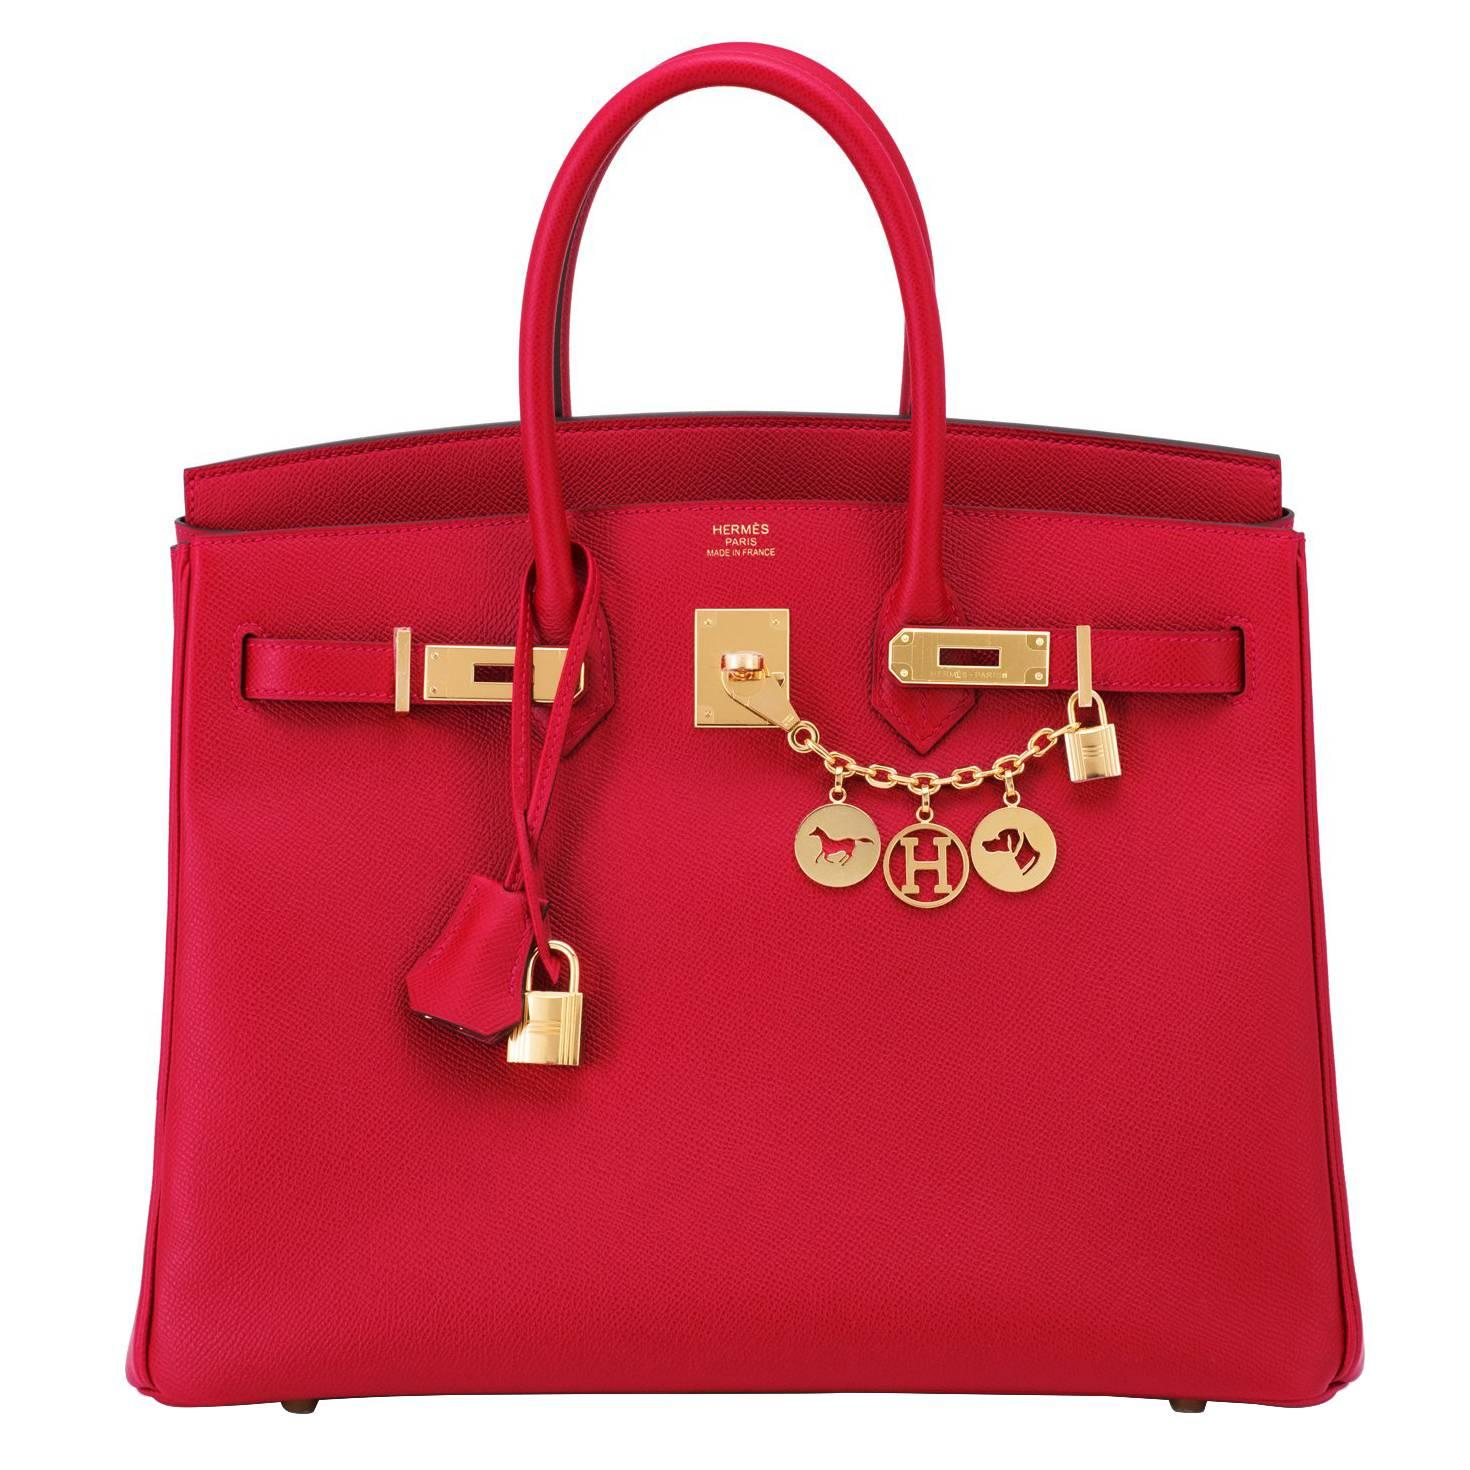 fb238fd01dc Hermes Epsom Handbags - 268 For Sale on 1stdibs